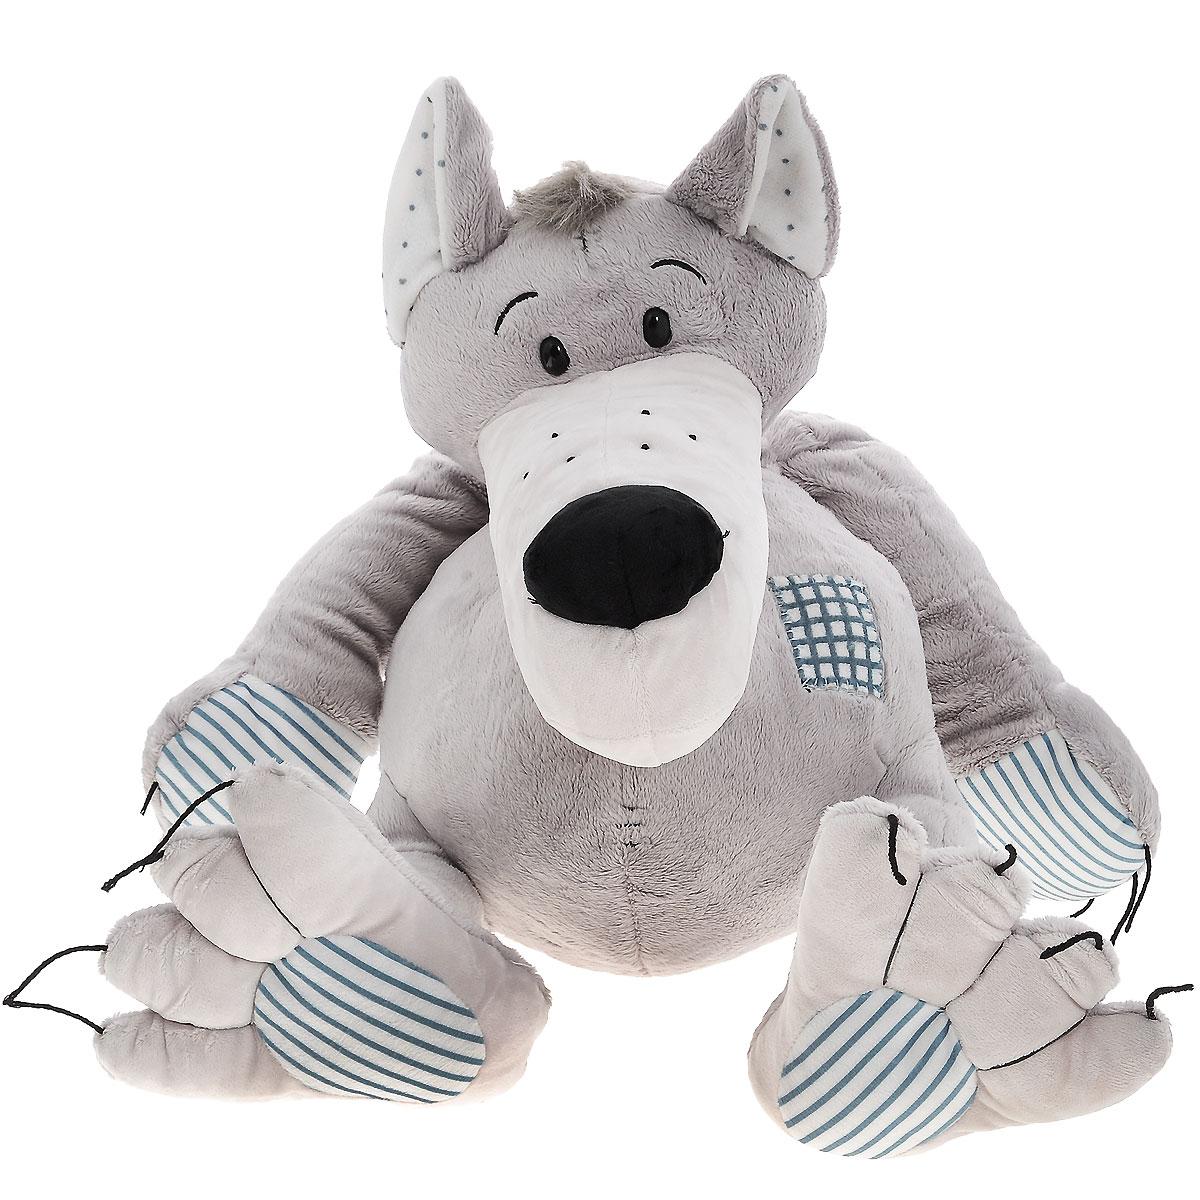 Мягкая игрушка Plush Apple Волк с заплаткой, 46 смK72087DОчаровательная мягкая игрушка Plush Apple Волк с заплаткой станет вашему малышу хорошим другом. Выполнена из приятных на ощупь и очень мягких материалов, безвредных для ребенка. Игрушка представлена в виде забавного волка с пластиковыми глазками. Специальные гранулы, используемые при ее набивке, способствуют развитию мелкой моторики рук малыша. Великолепное качество исполнения делают эту игрушку чудесным подарком к любому празднику.